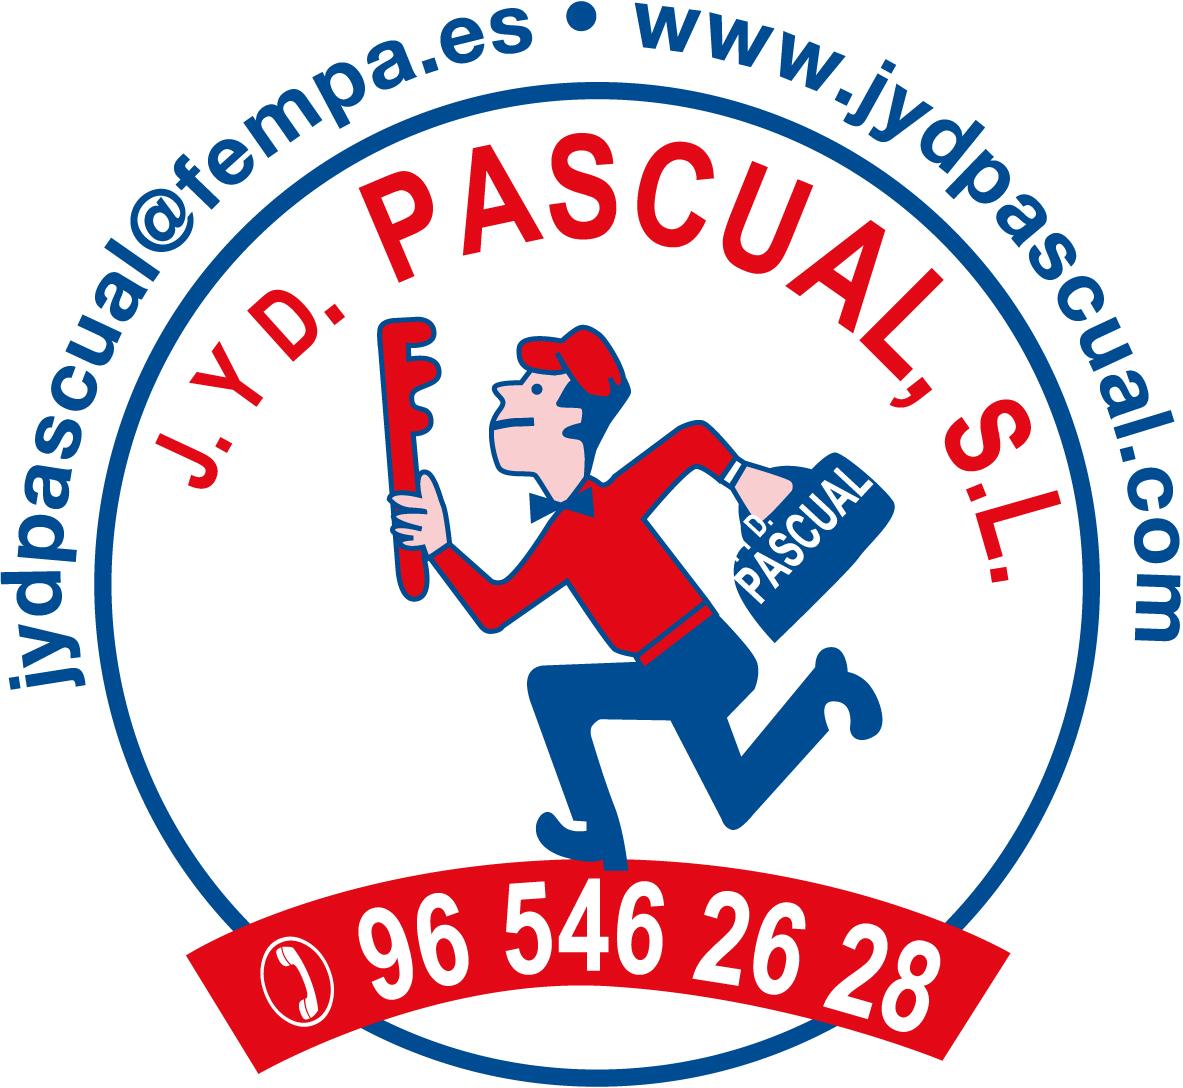 J. Y D. Pascual , S.L.